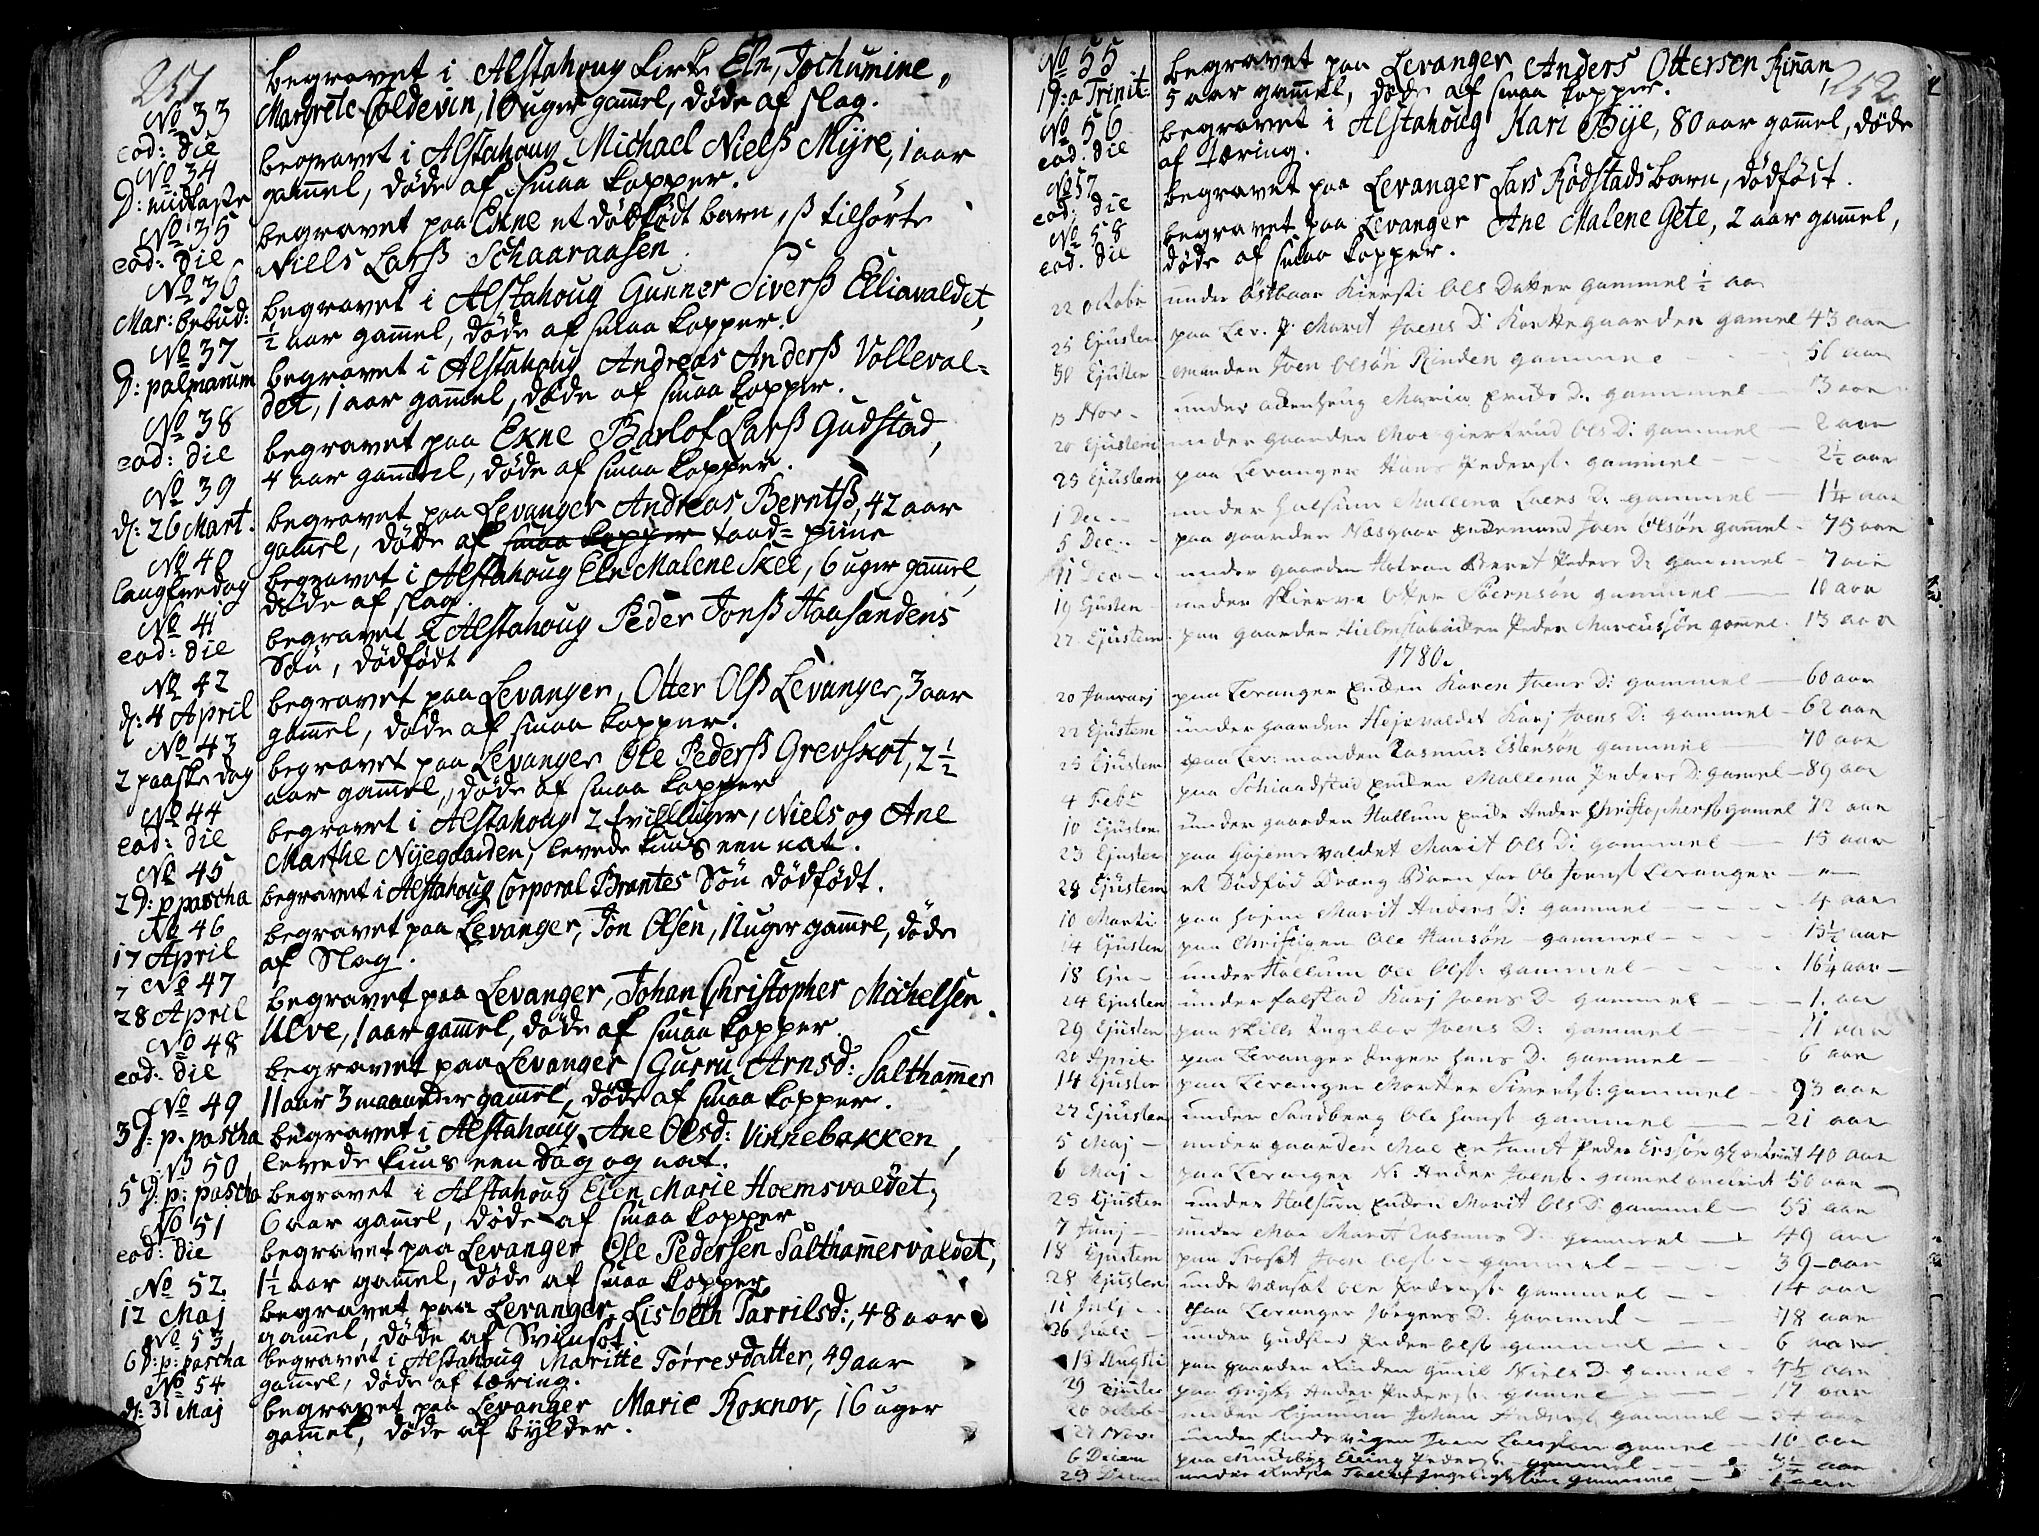 SAT, Ministerialprotokoller, klokkerbøker og fødselsregistre - Nord-Trøndelag, 717/L0141: Ministerialbok nr. 717A01, 1747-1803, s. 251-252